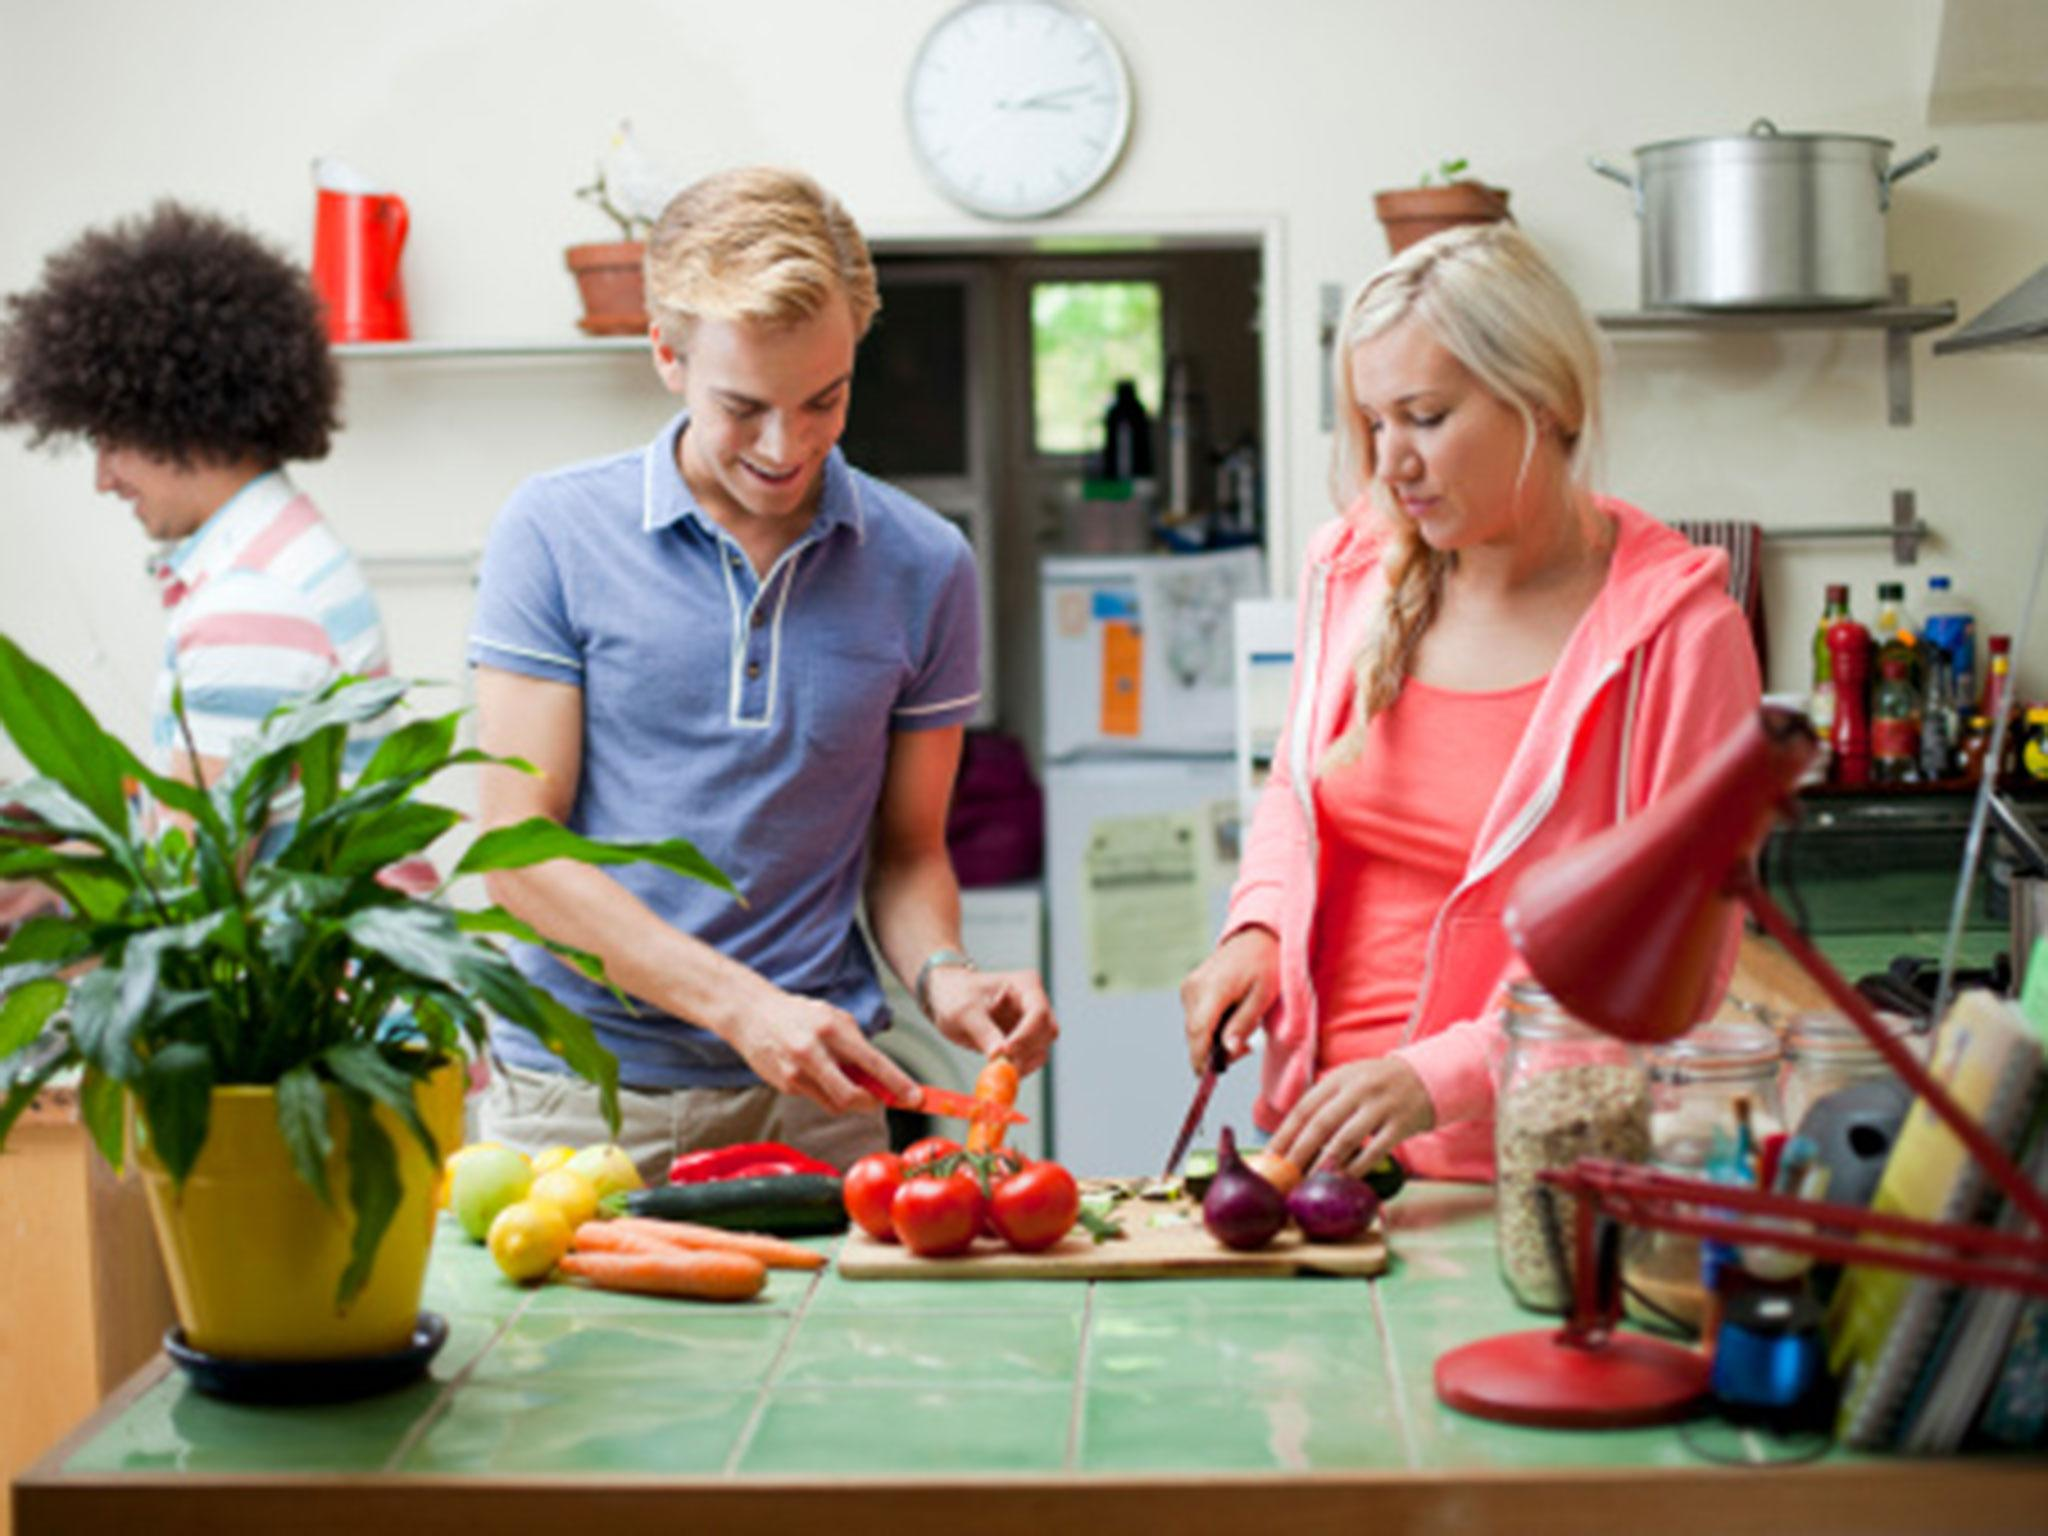 15 best student kitchen essentials